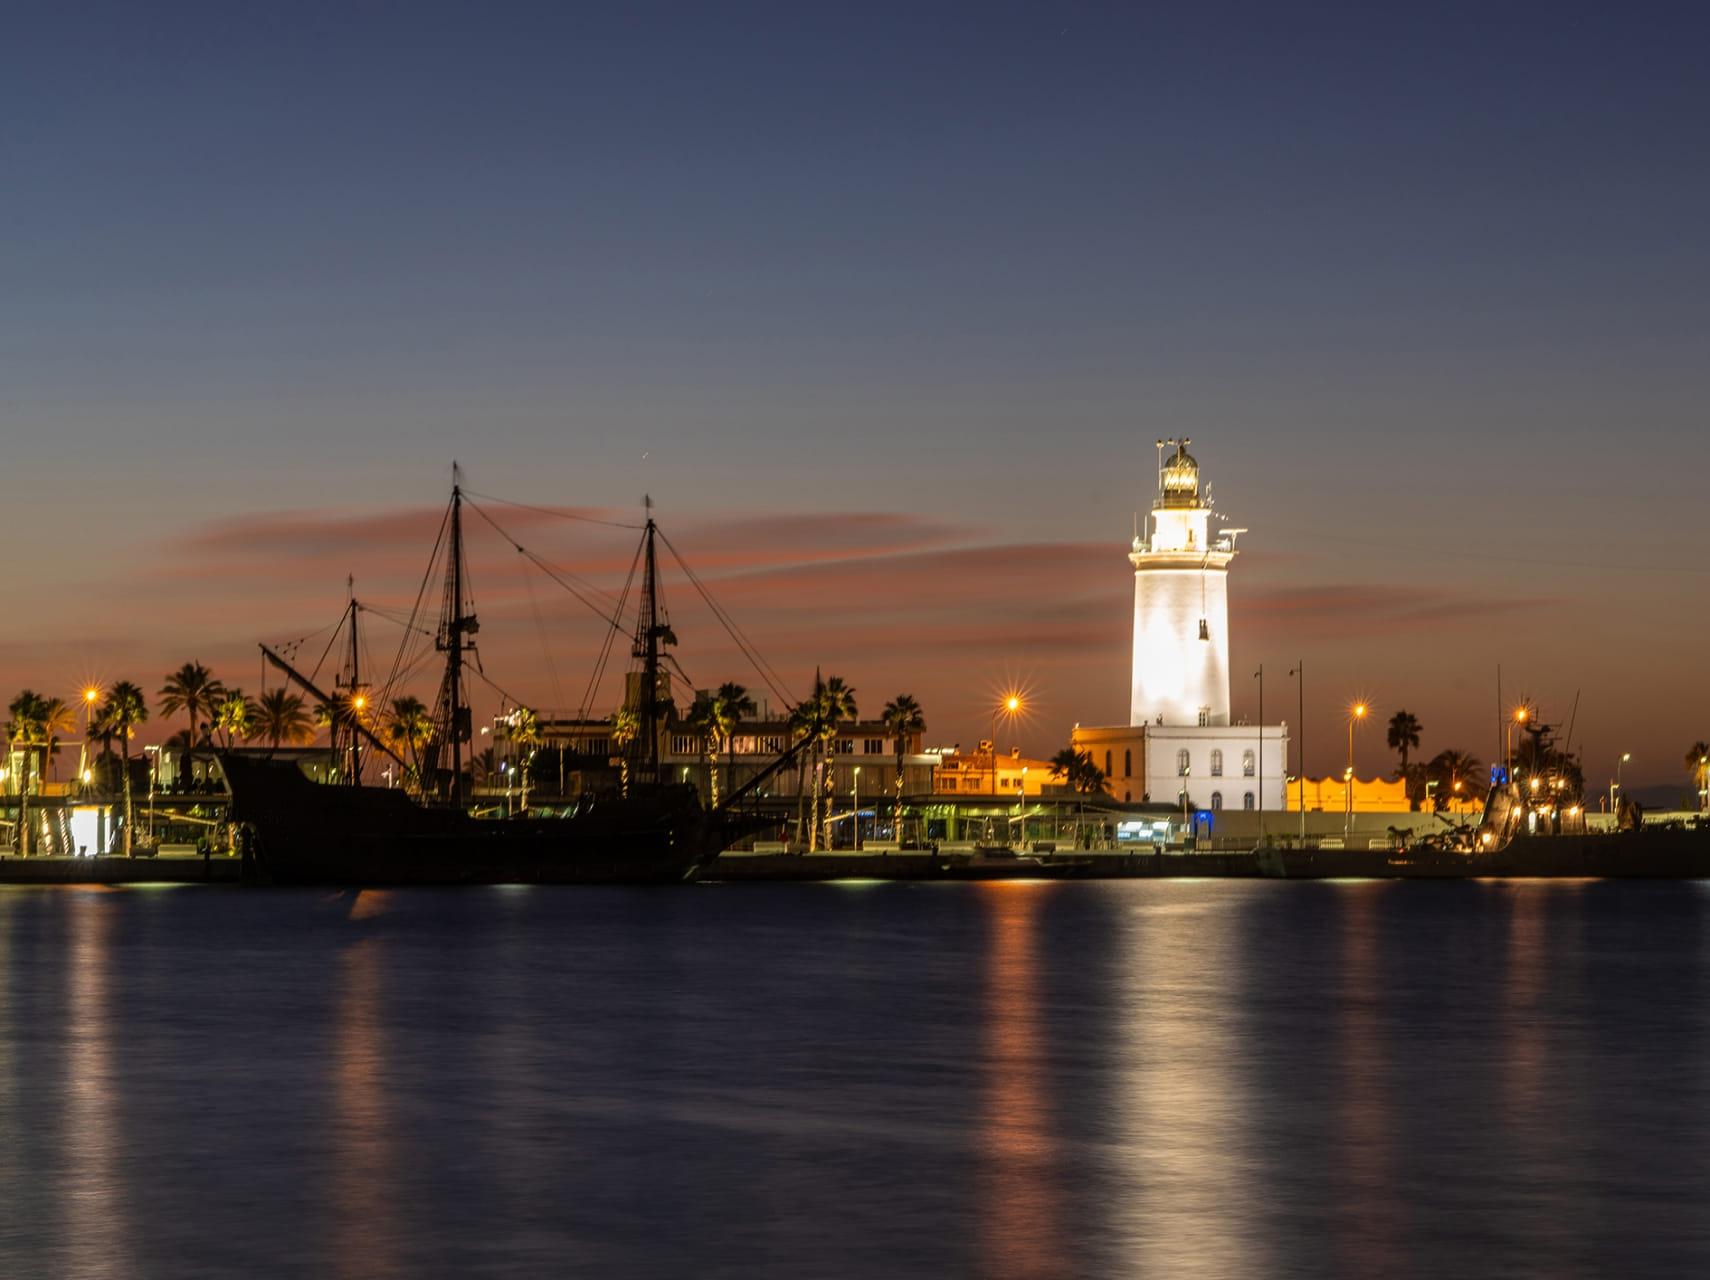 Amanece en el puerto de Malaga